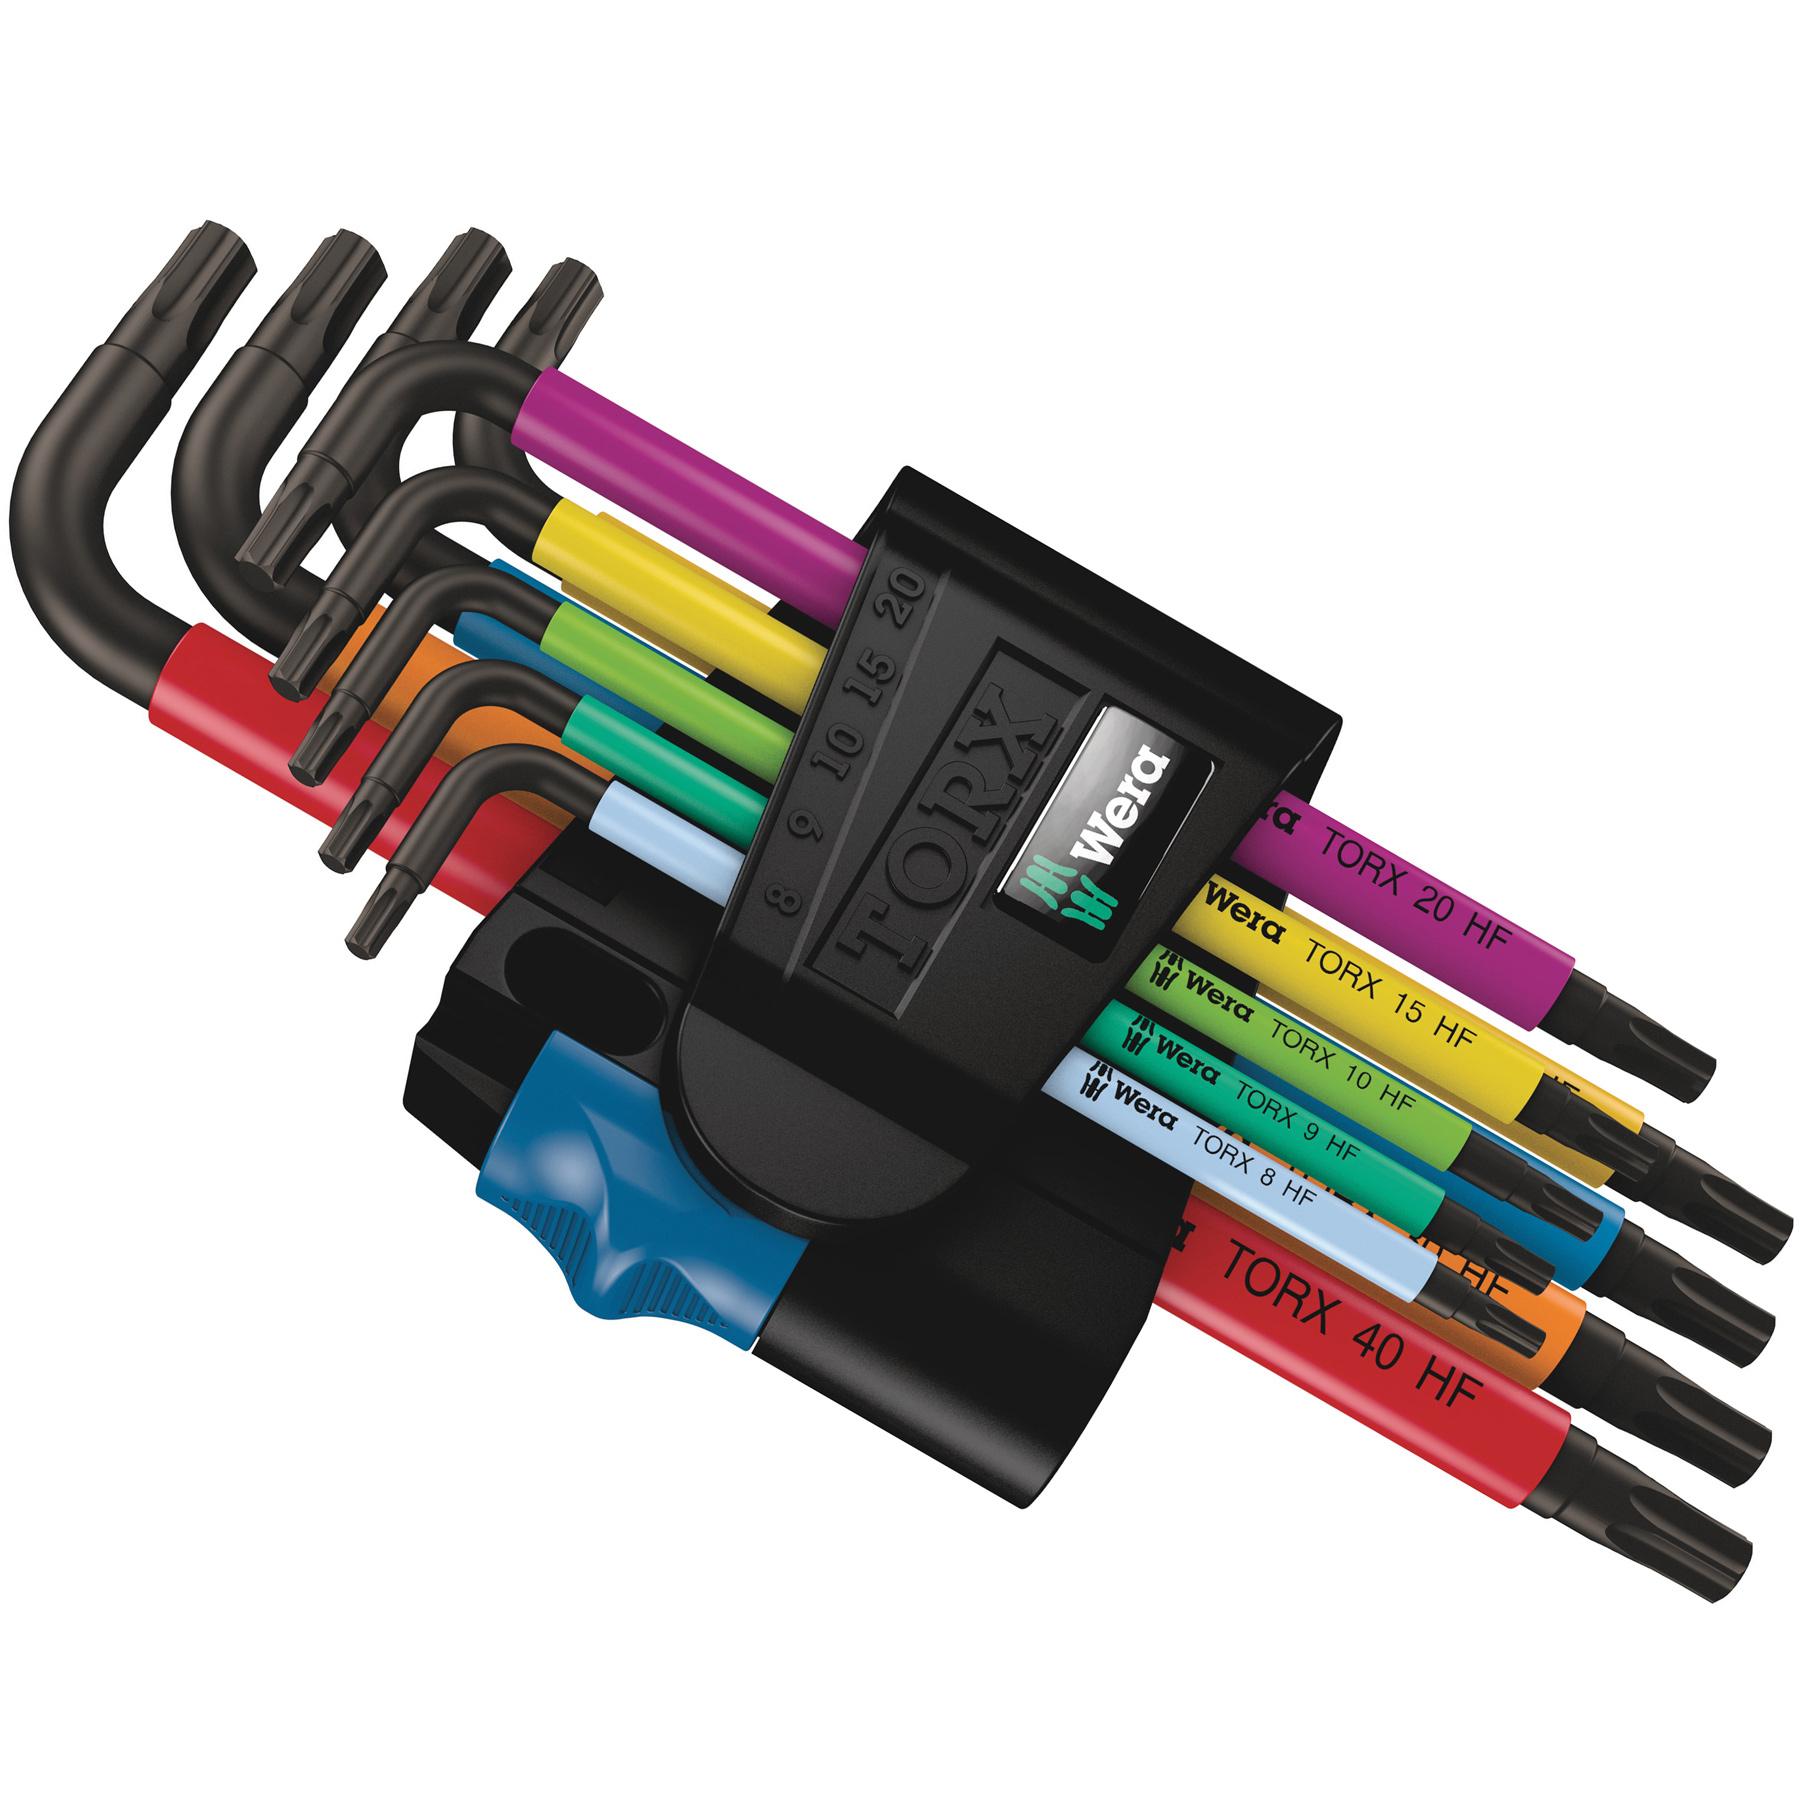 Bild von Wera 967/9 TX Multicolour HF 1 - Winkelschlüsselsatz Torx